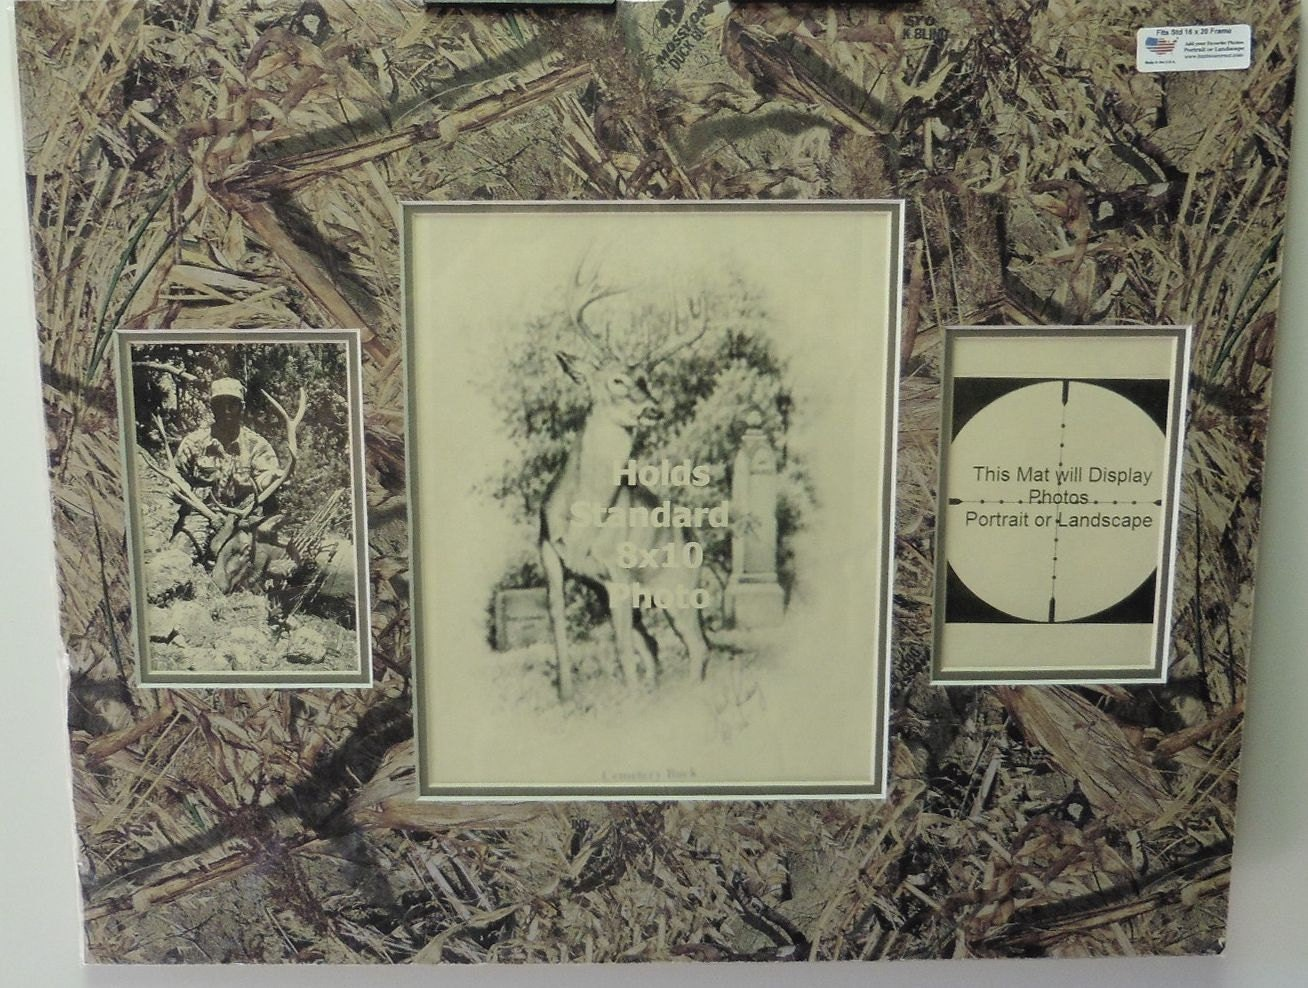 3 apertura musgo roble pato ciego Camo Mat, tiene 2-4 x 6 fotos y 1 ...